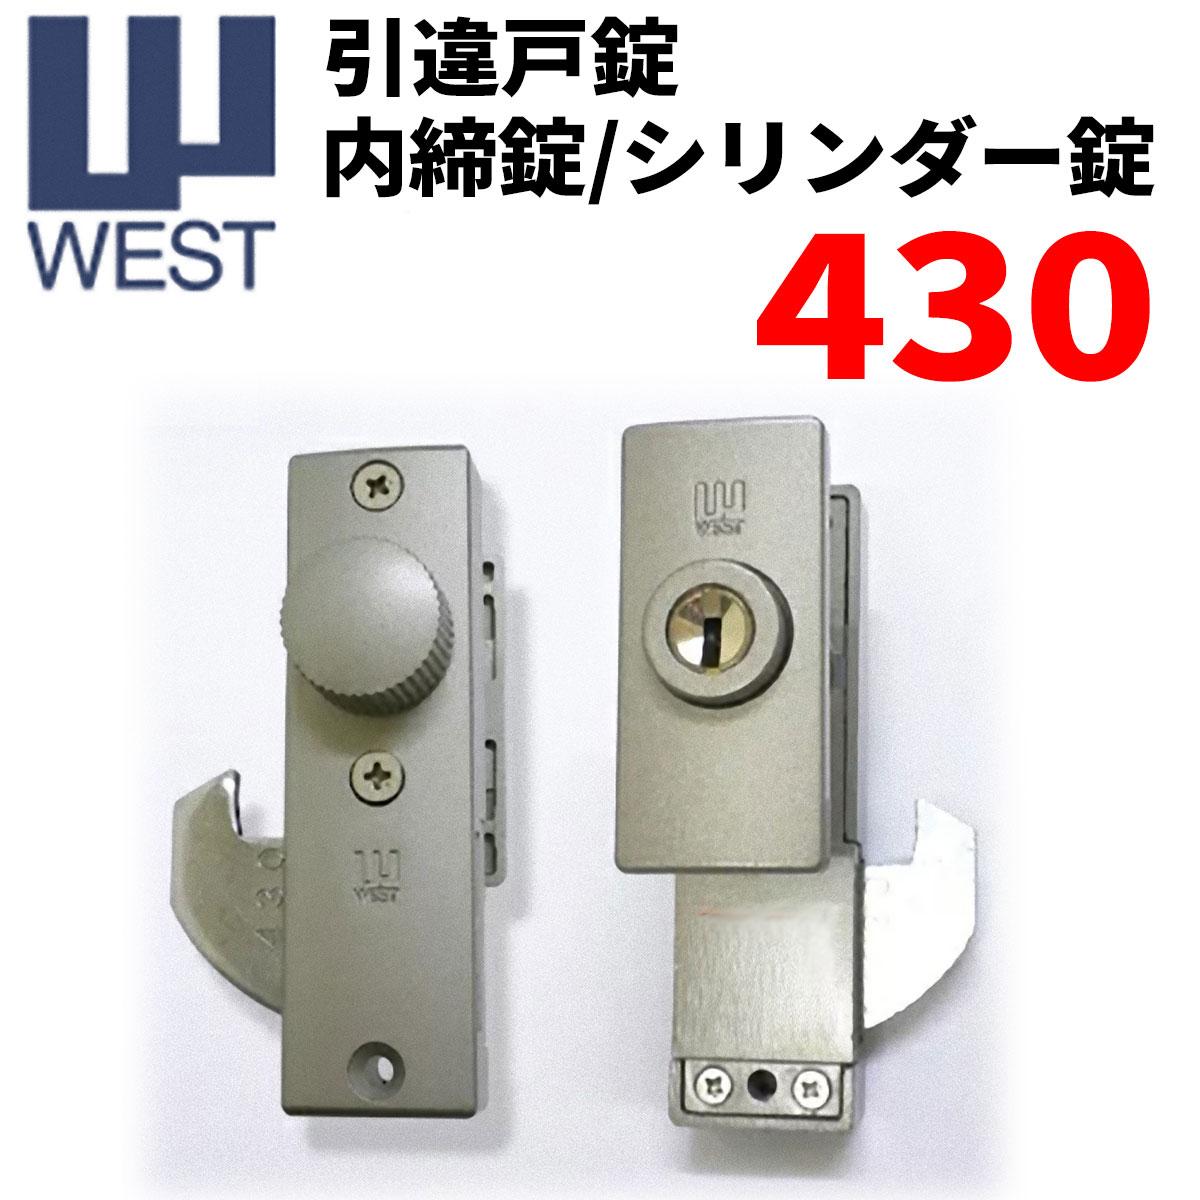 WEST430 引違戸錠